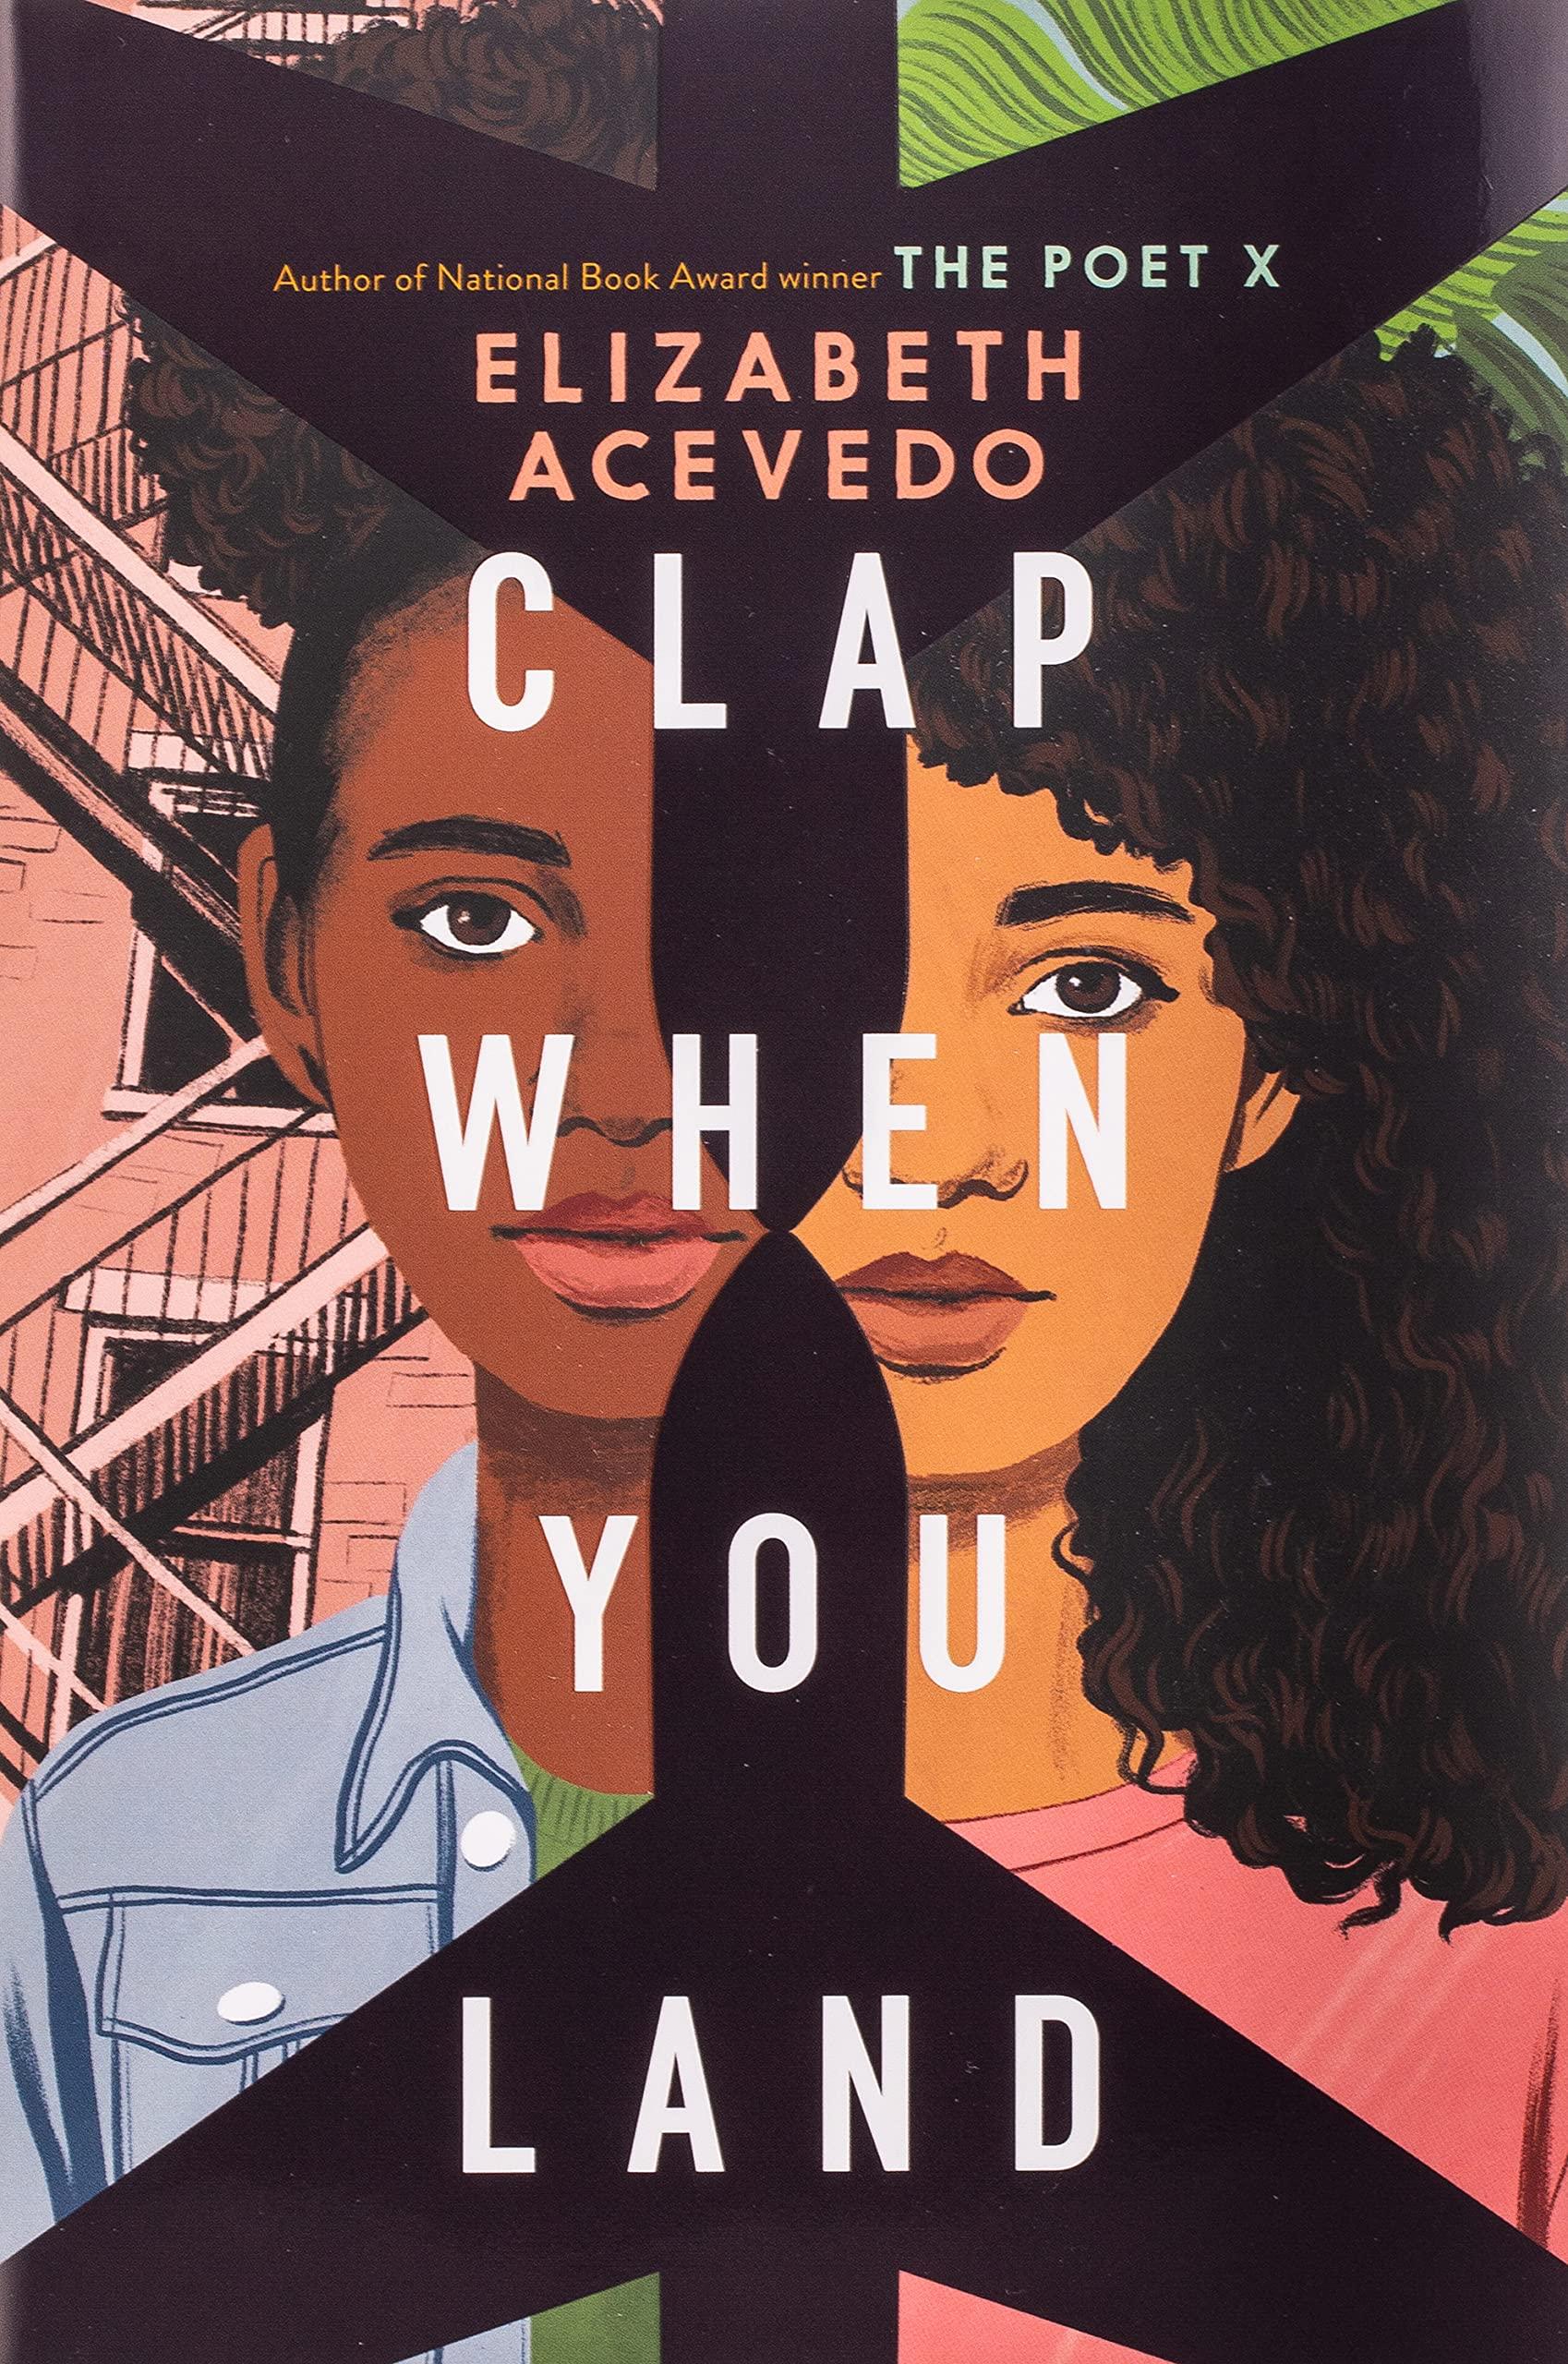 Amazon.com: Clap When You Land: 9780062882769: Acevedo, Elizabeth: Books